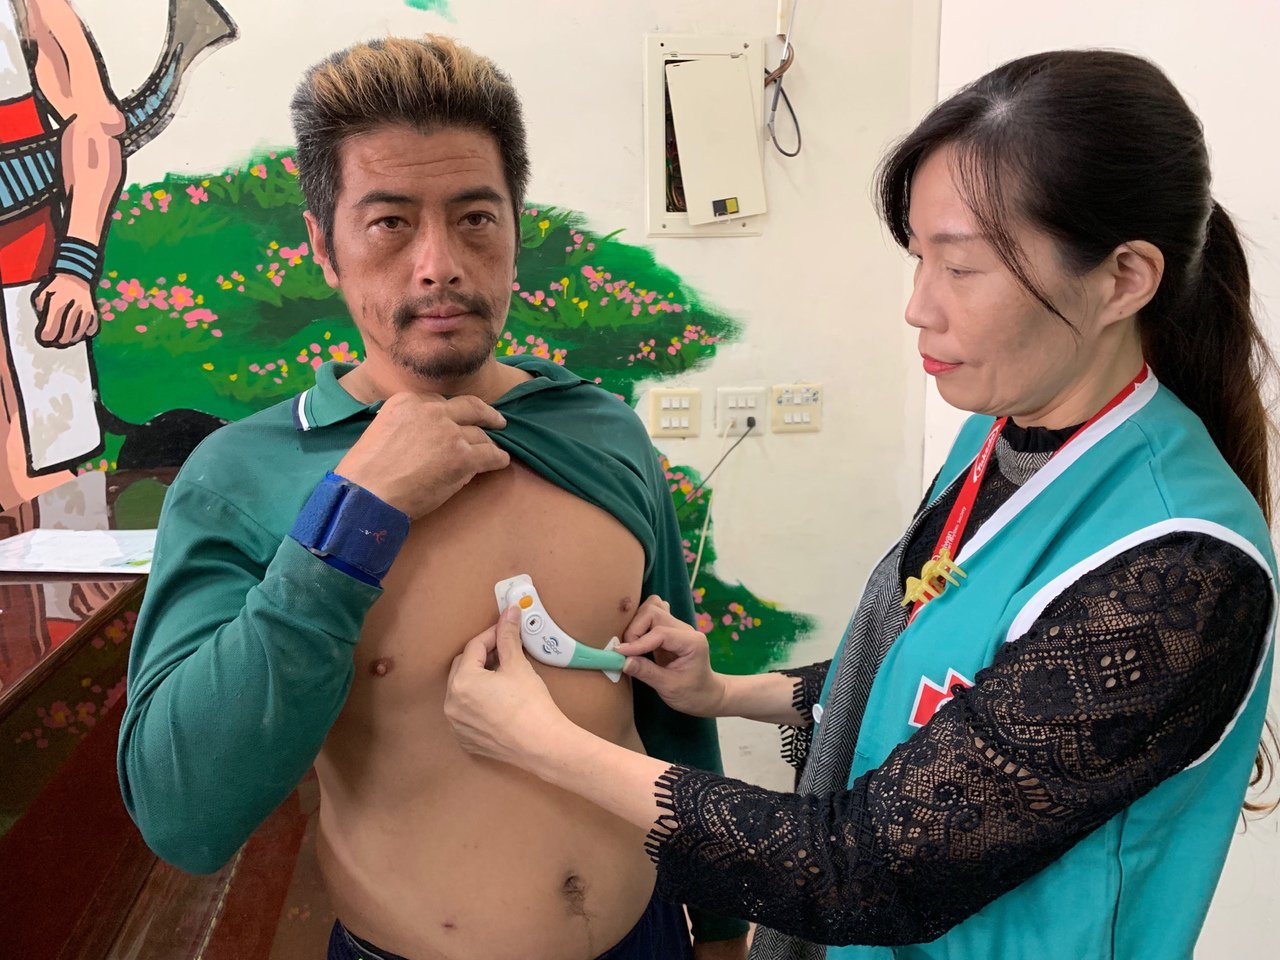 馬偕醫院將可偵測心臟衰竭、心血管疾病的穿戴裝置帶上尖石鄉。記者陳雨鑫/攝影